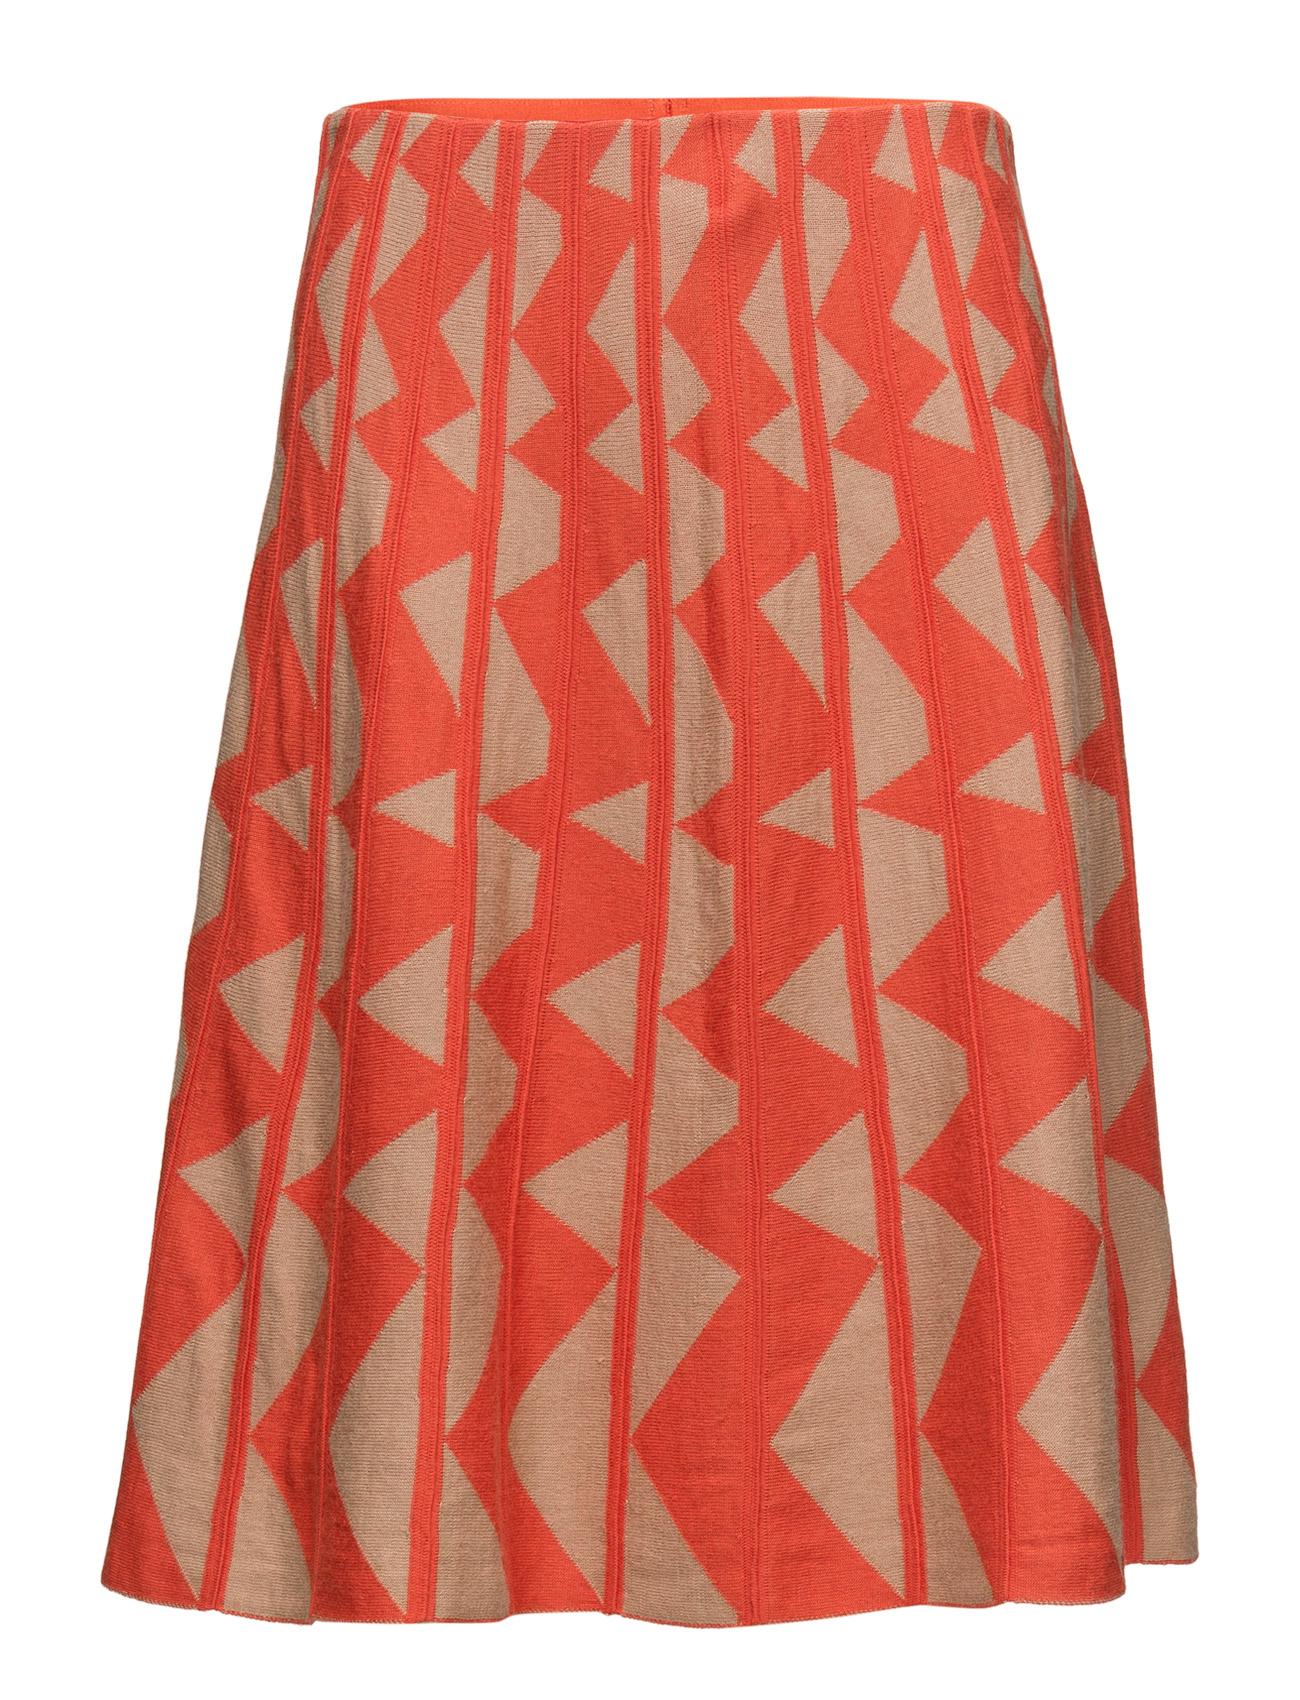 Skirt United Colors of Benetton Knælange & mellemlange til Kvinder i orange